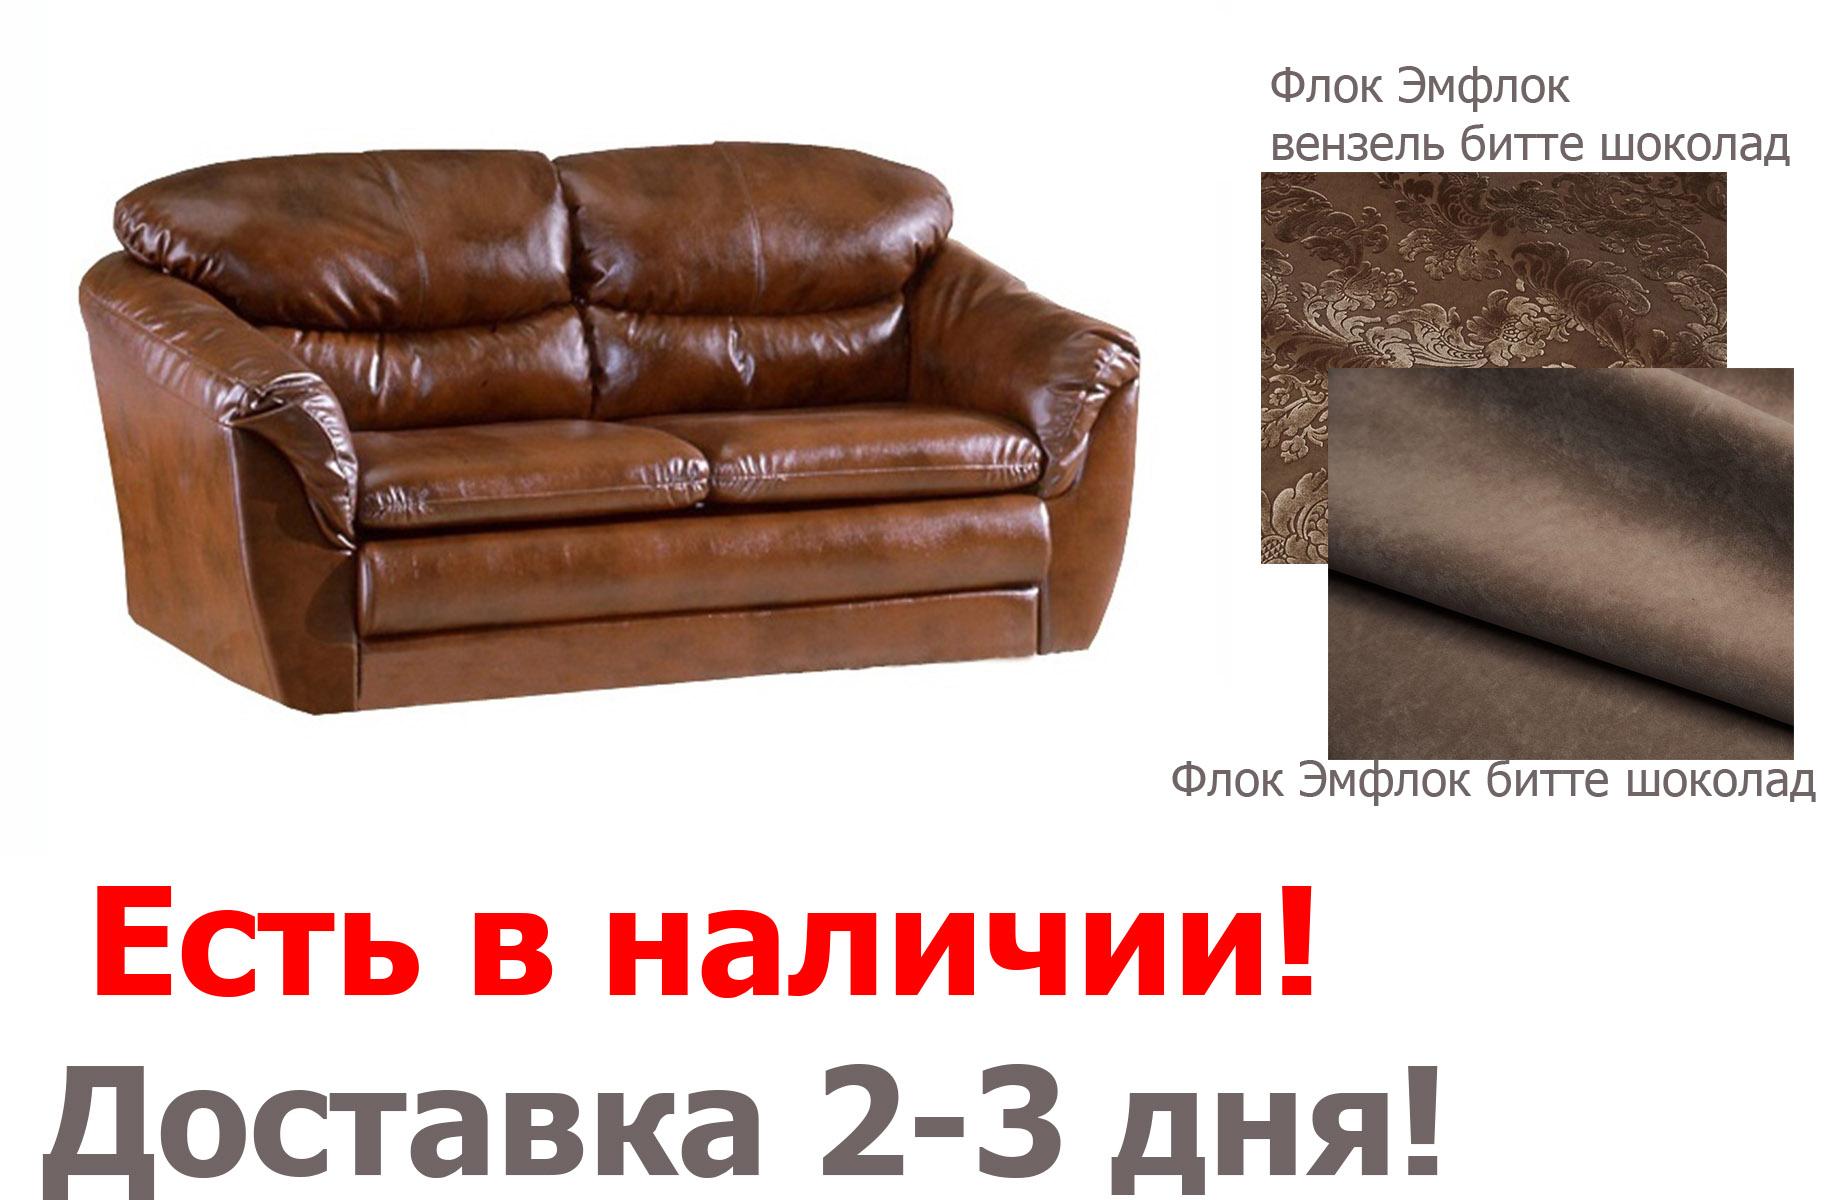 Выкатной диван Диона-м232